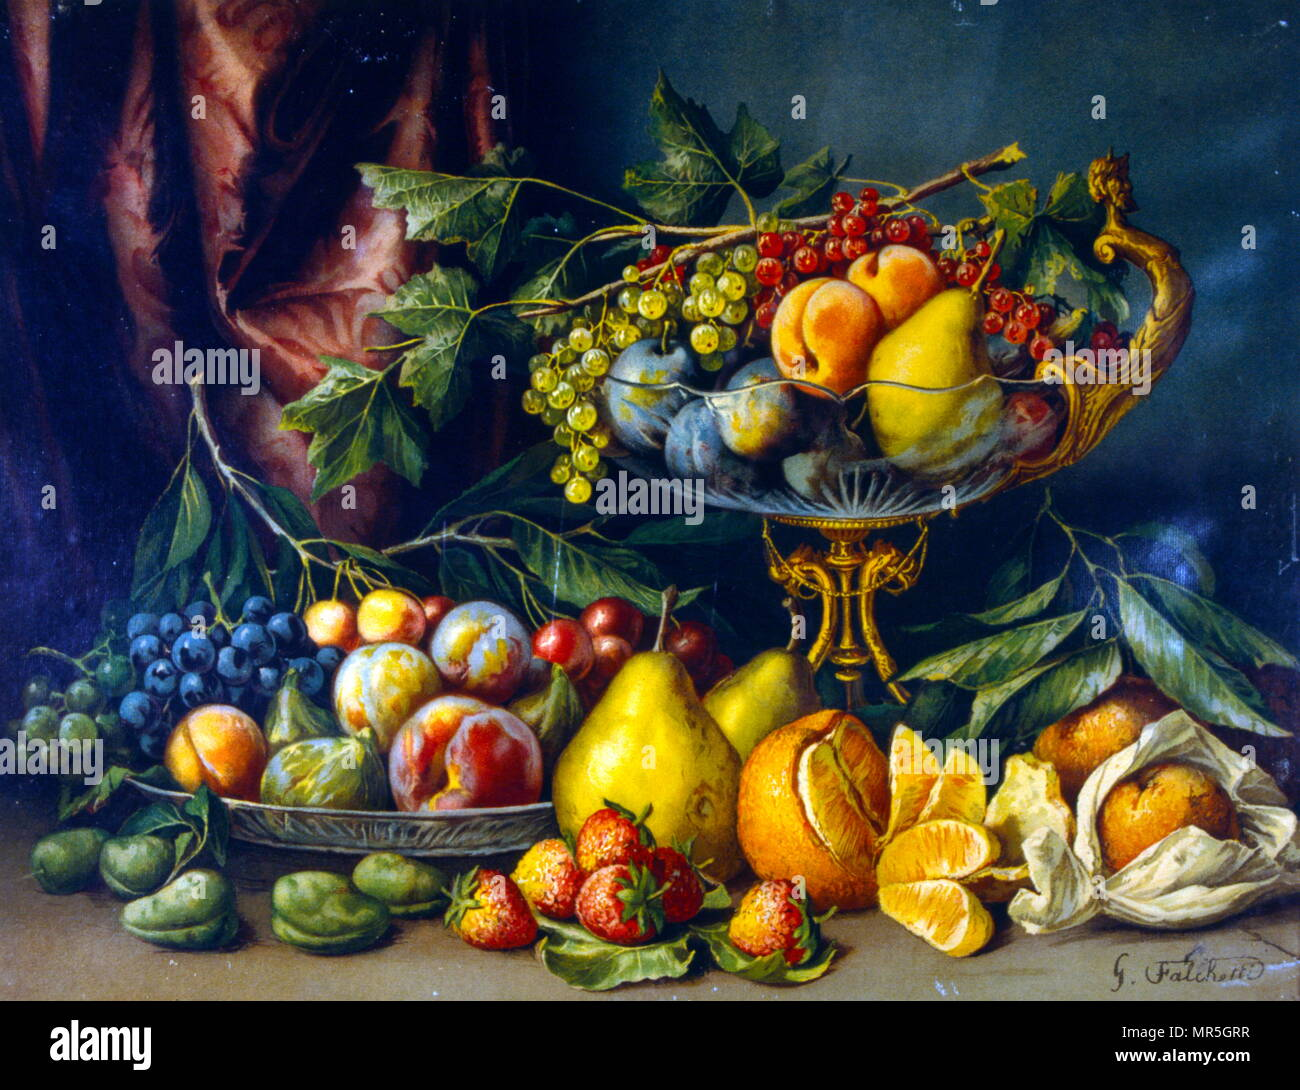 Francés del siglo XIX todavía la vida pintando. Circa 1870 Imagen De Stock